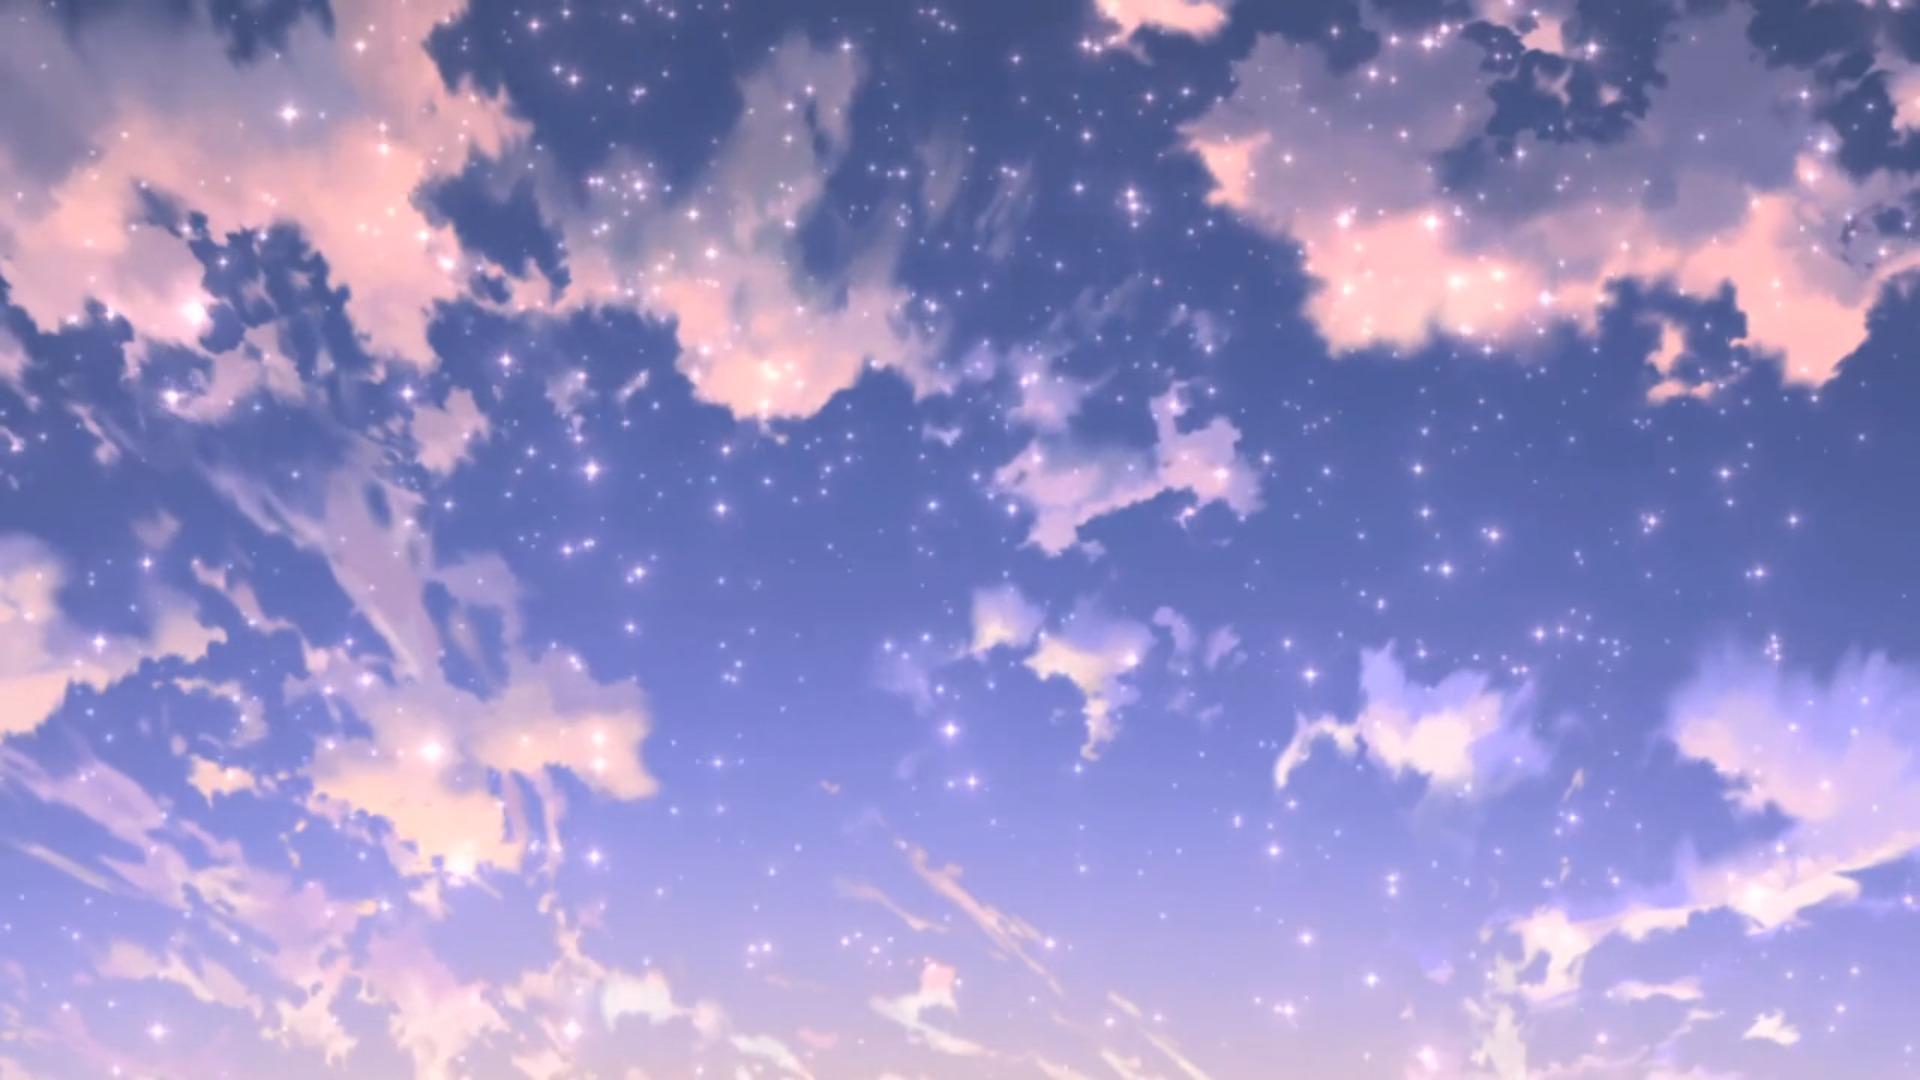 Небо анимация картинка, вышивка